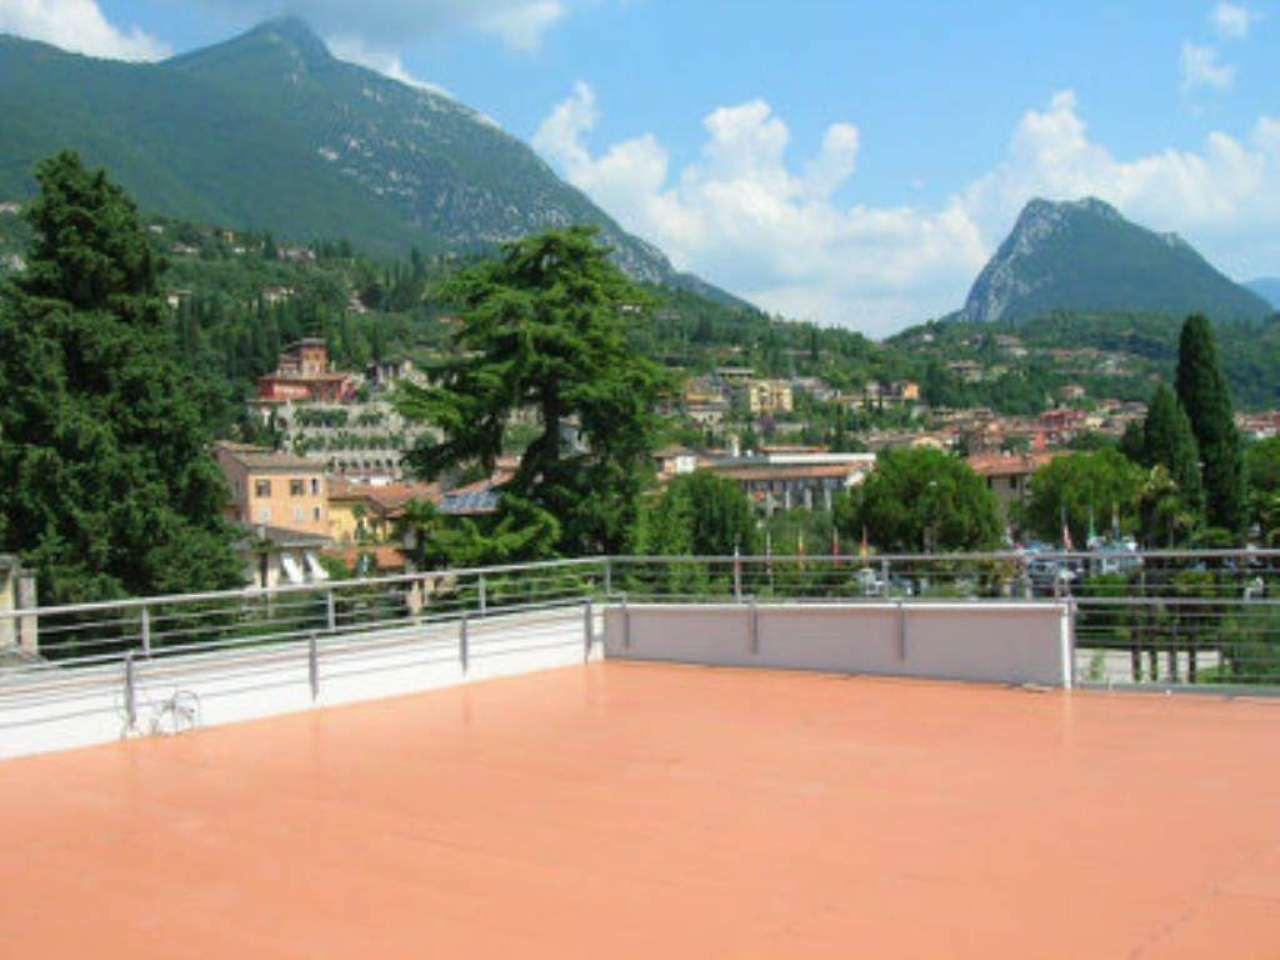 Attico / Mansarda in vendita a Toscolano-Maderno, 4 locali, prezzo € 440.000 | Cambio Casa.it